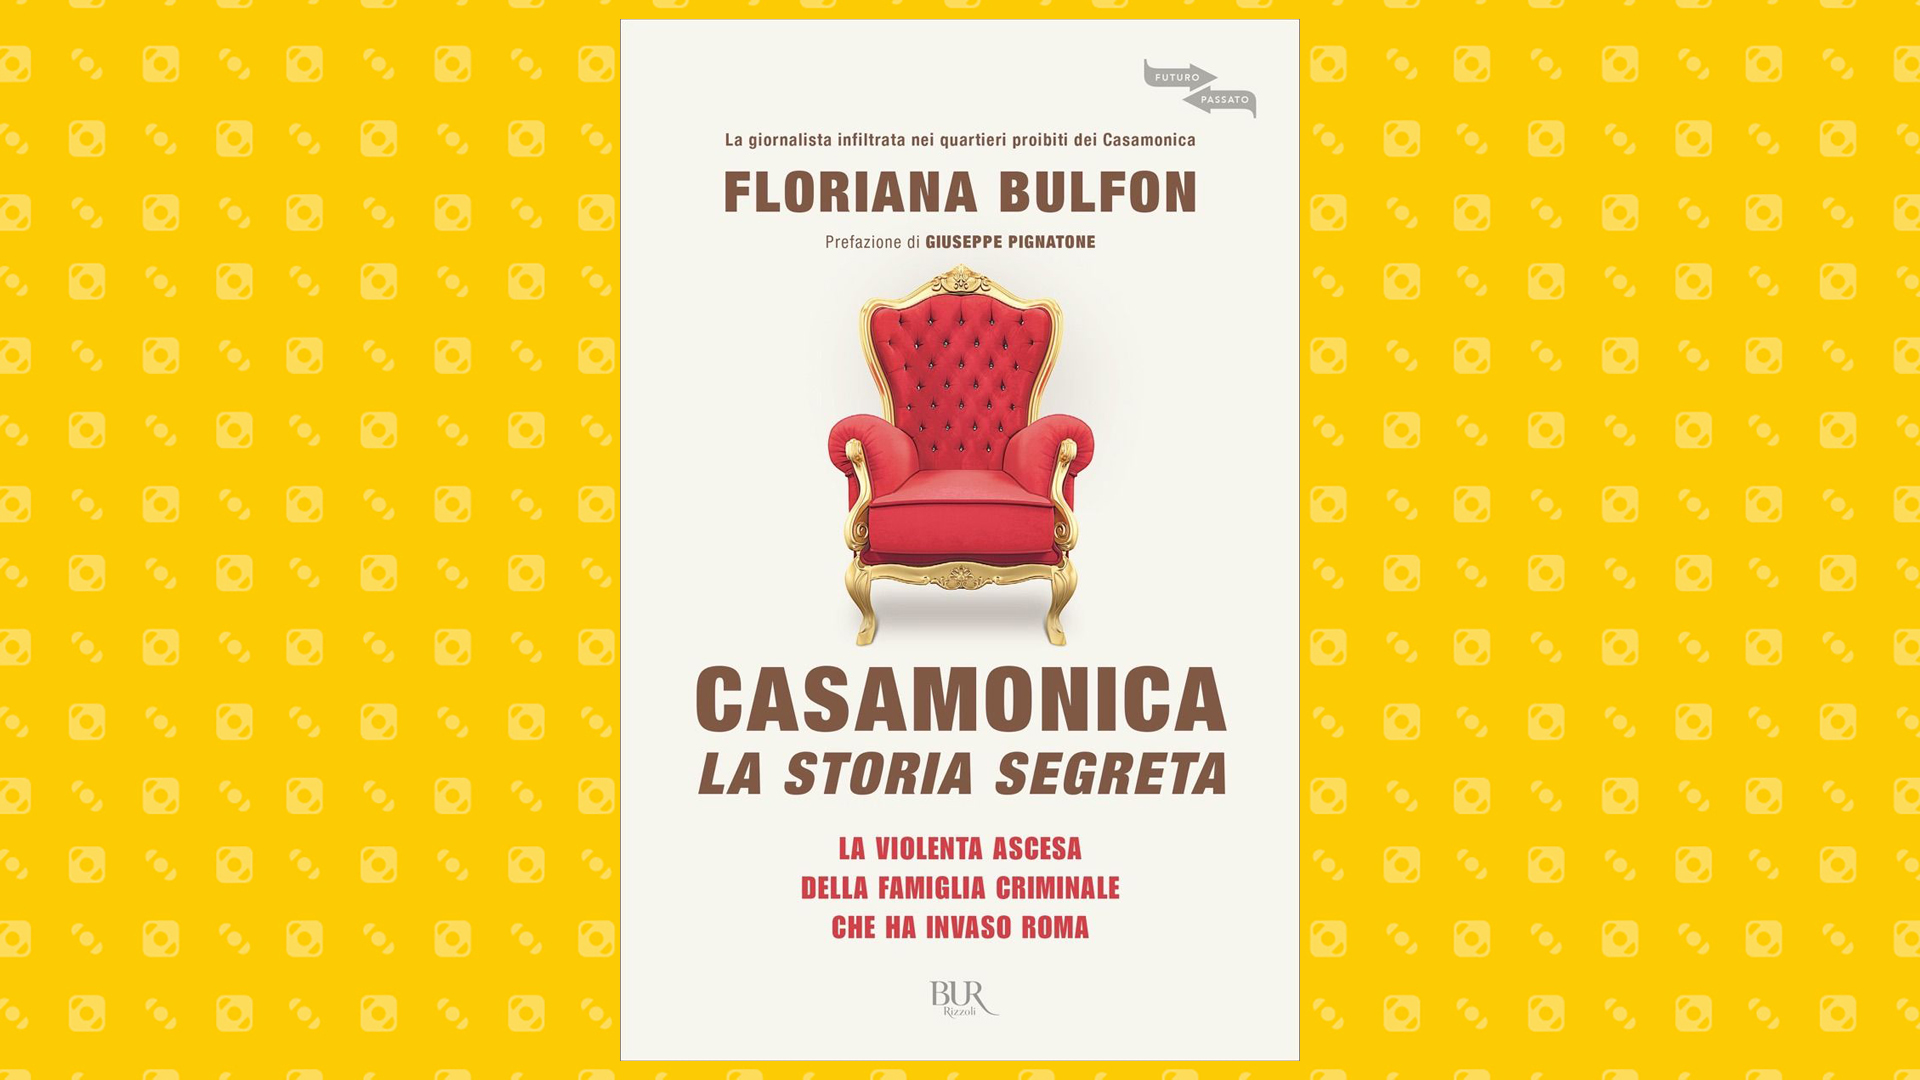 Pace mafiosa a Roma tra Casamonica e Spada. Cosa sta succedendo nella Capitale?